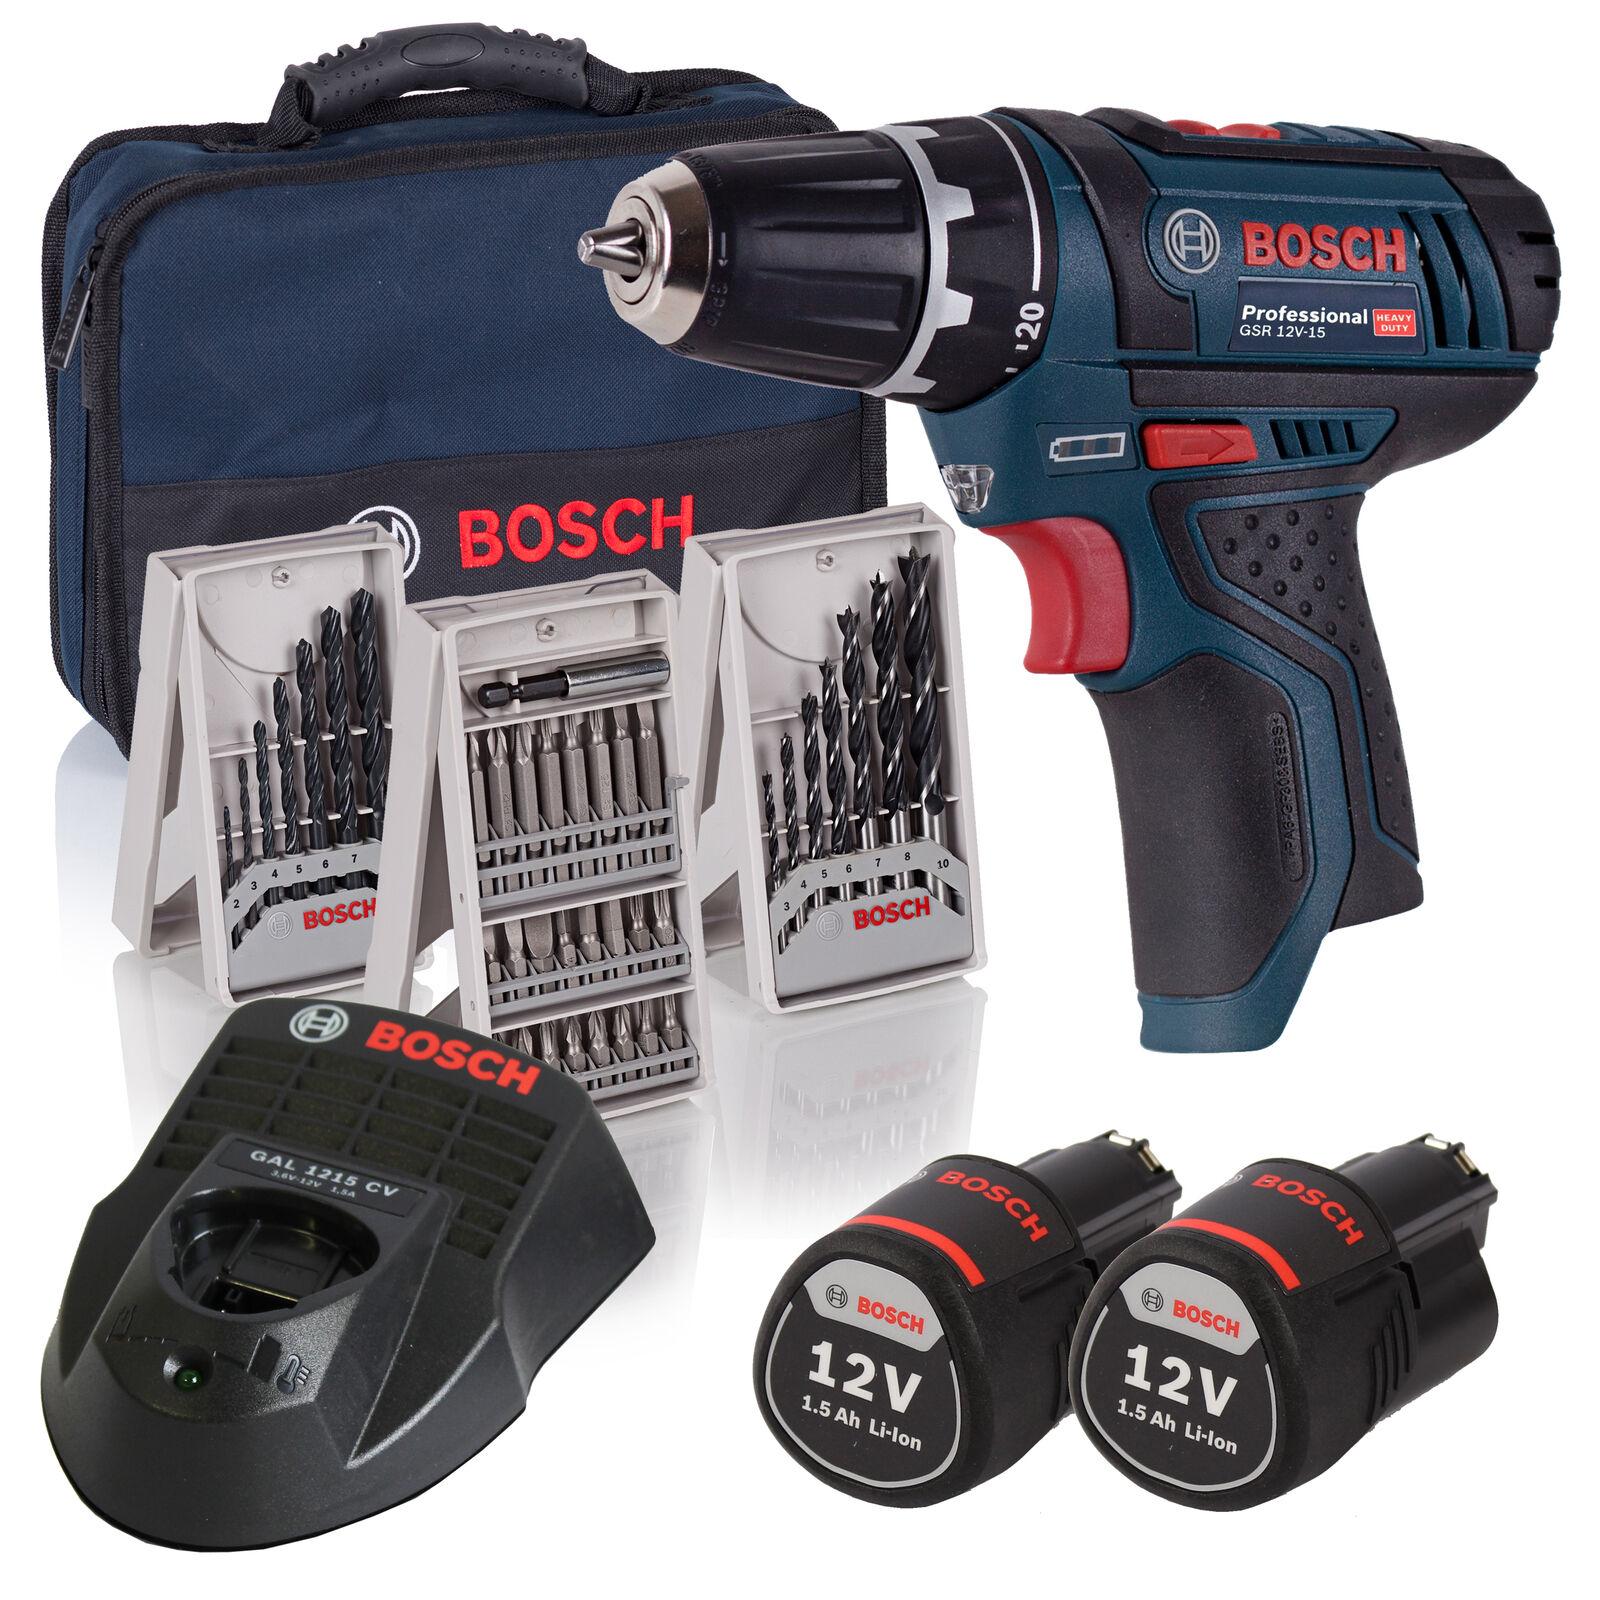 Bosch Akku-Bohrschrauber Set GSR12V-15 2x 1,5 Ah Akkus + Lader im Set in Tasche